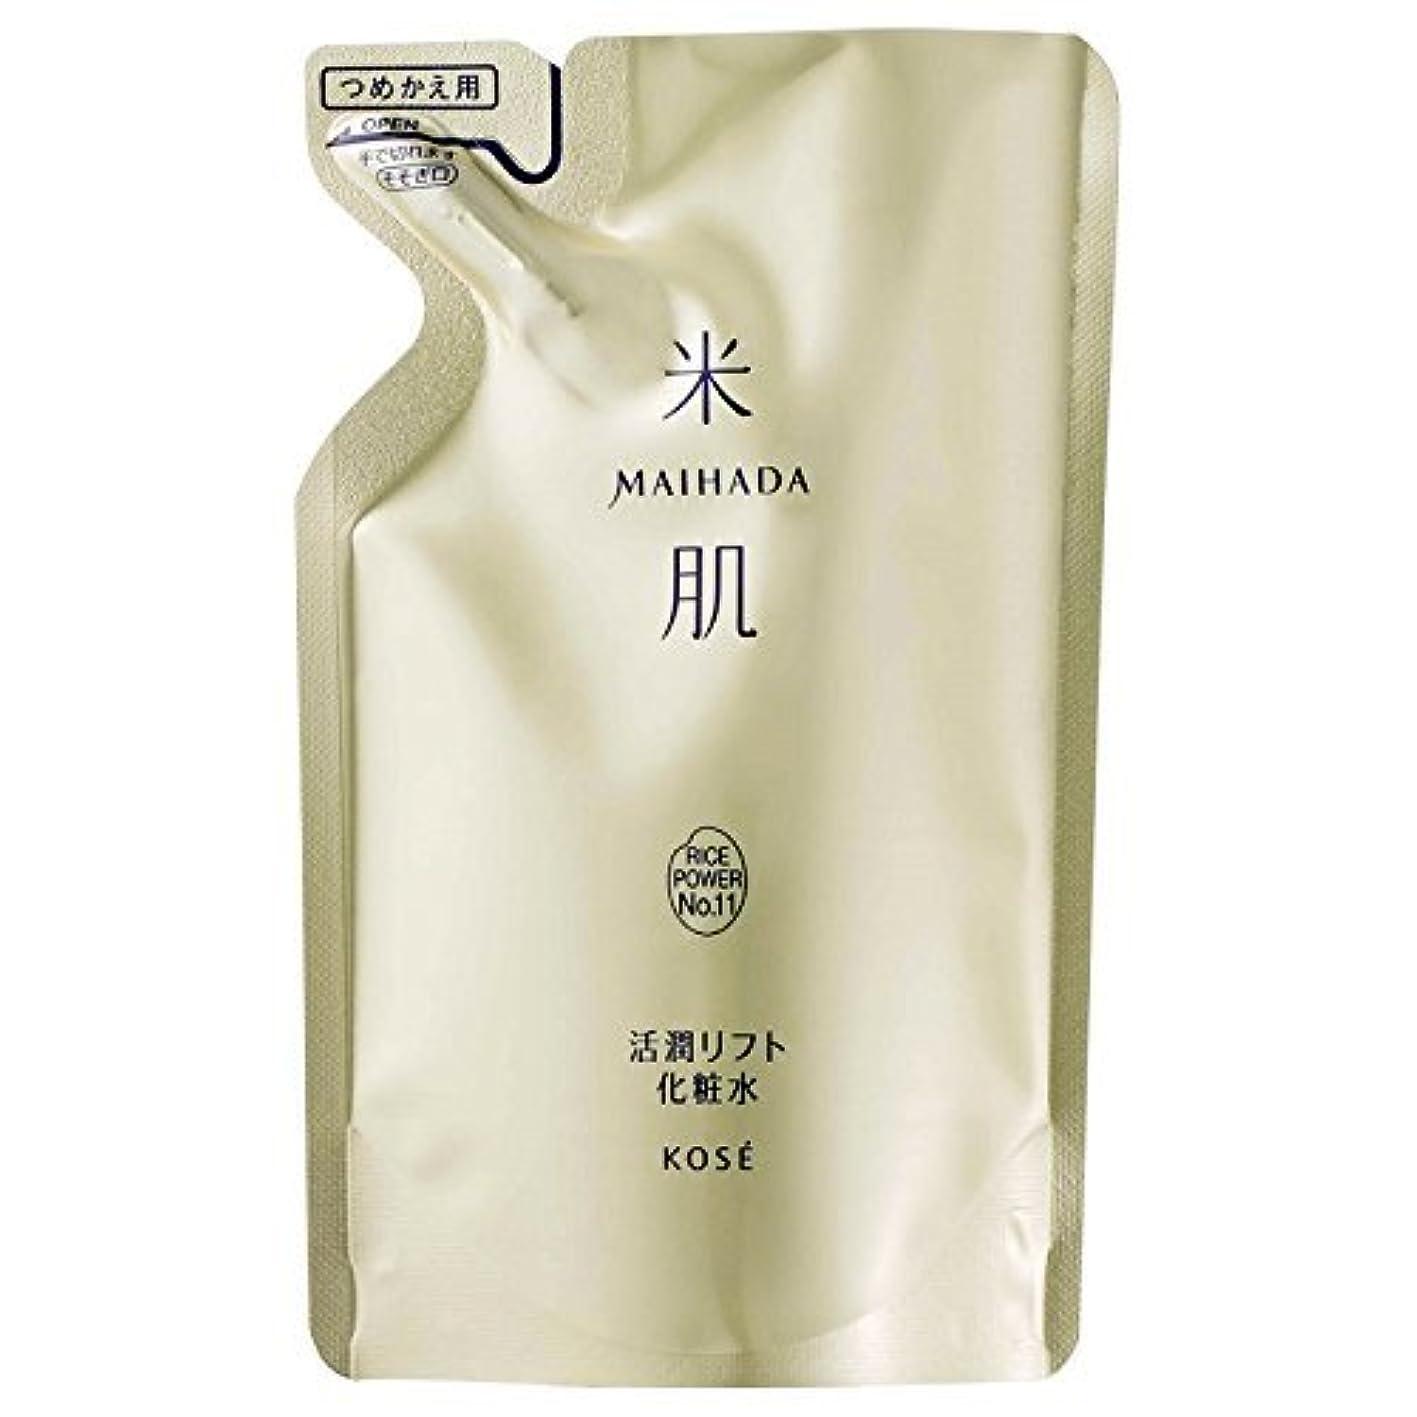 ガイドラインジーンズムス米肌(MAIHADA) 活潤リフト化粧水(つめかえ用)